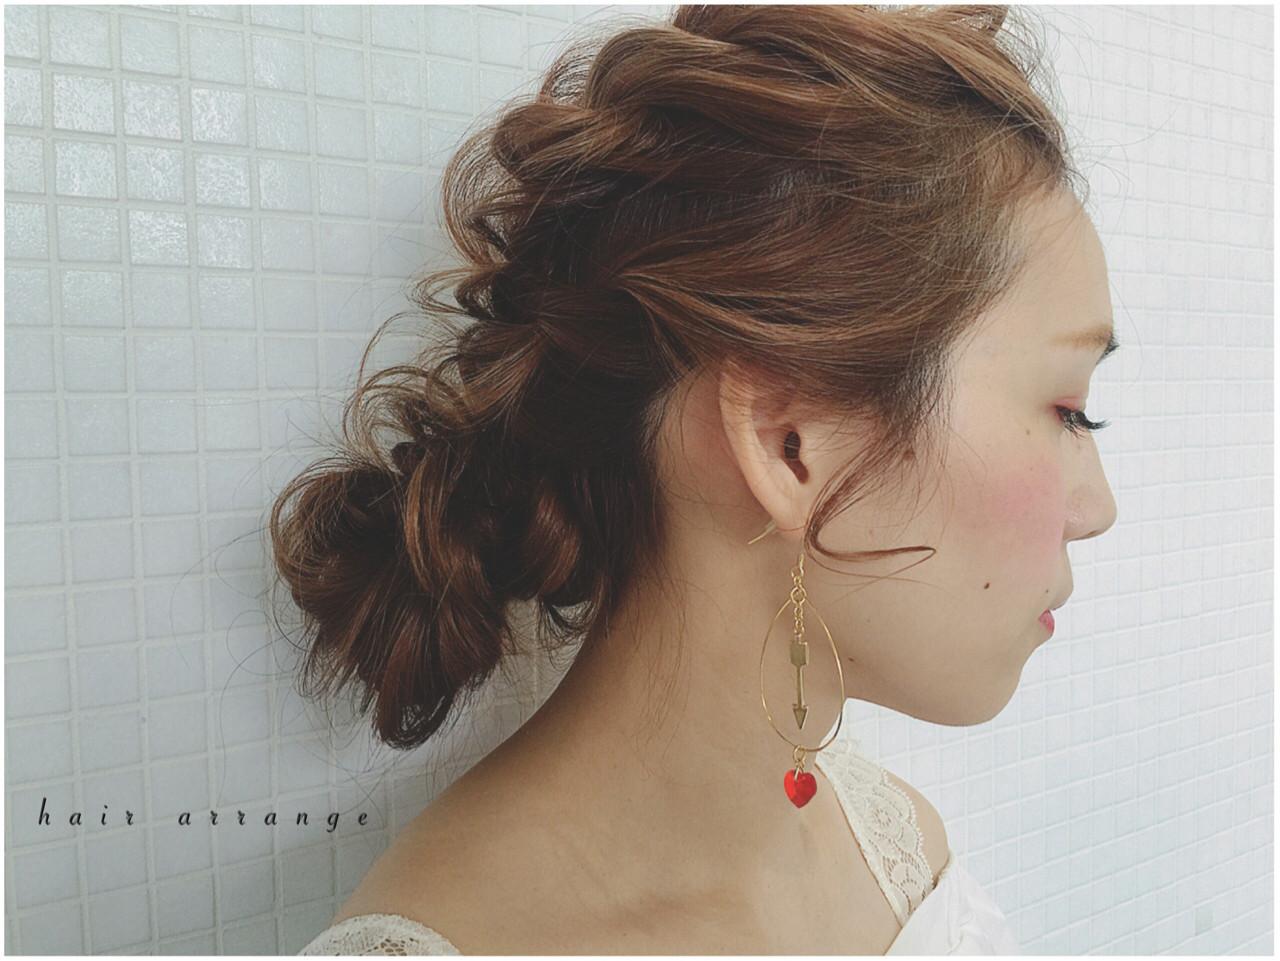 簡単ヘアアレンジ「シニヨン」のやり方特別レッスン♡基本技〜変化テクまで! takashi cawamura  HAIR & MAKE•UP TAXI